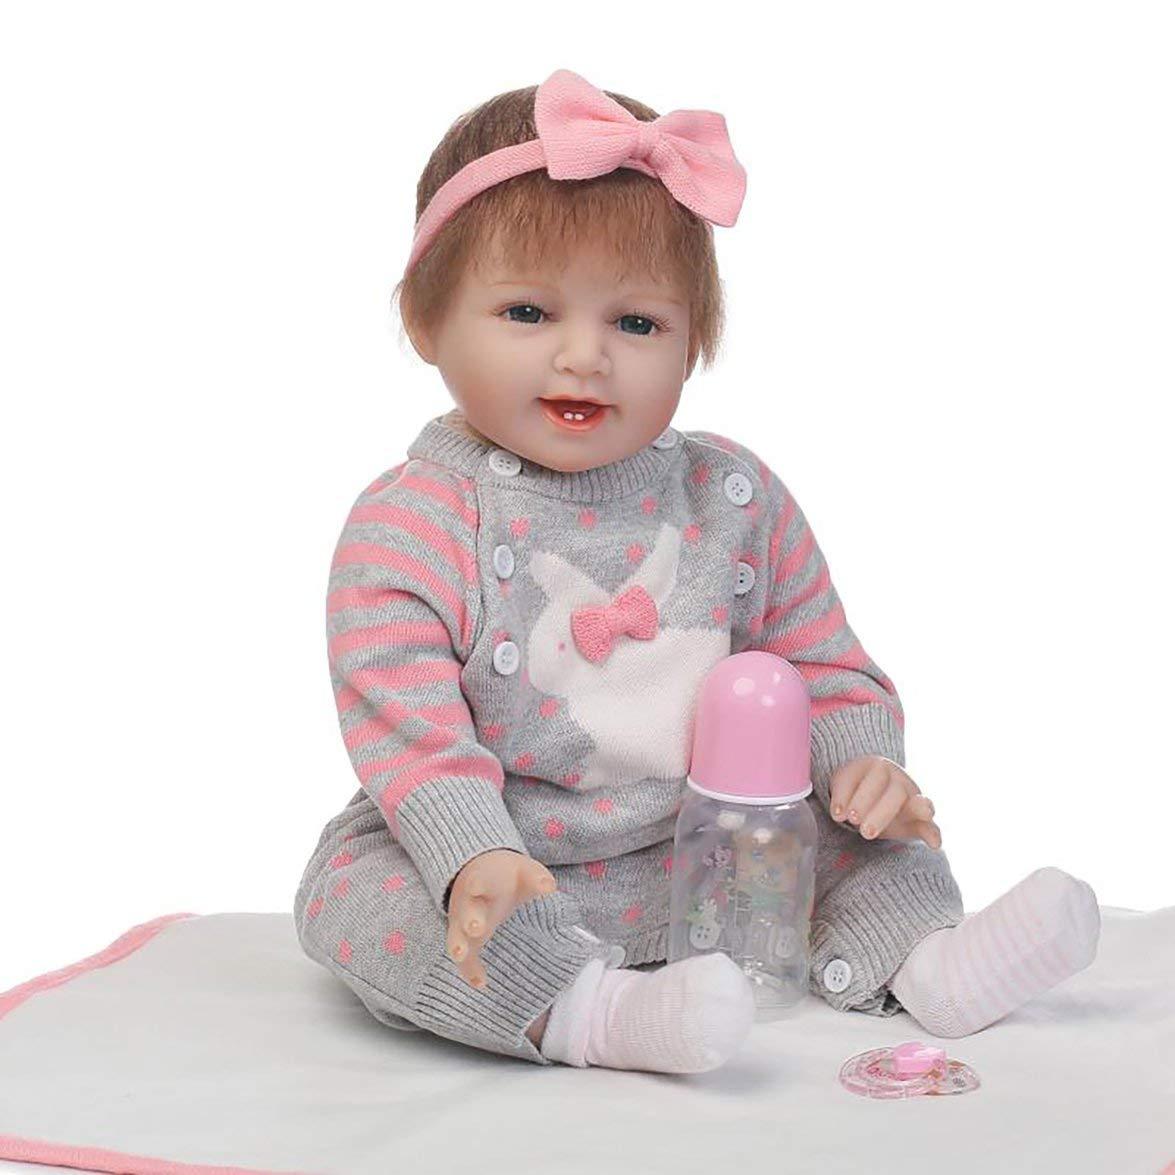 Kongqiabona Pullover 55 cm Kaninchen Pullover Kongqiabona ganzkörper weich silikon Vinyl Baby Puppe ungiftig sicheres Spielzeug handgemacht schöne lebensechte neugeborenes Baby Puppe Spielzeug 128652